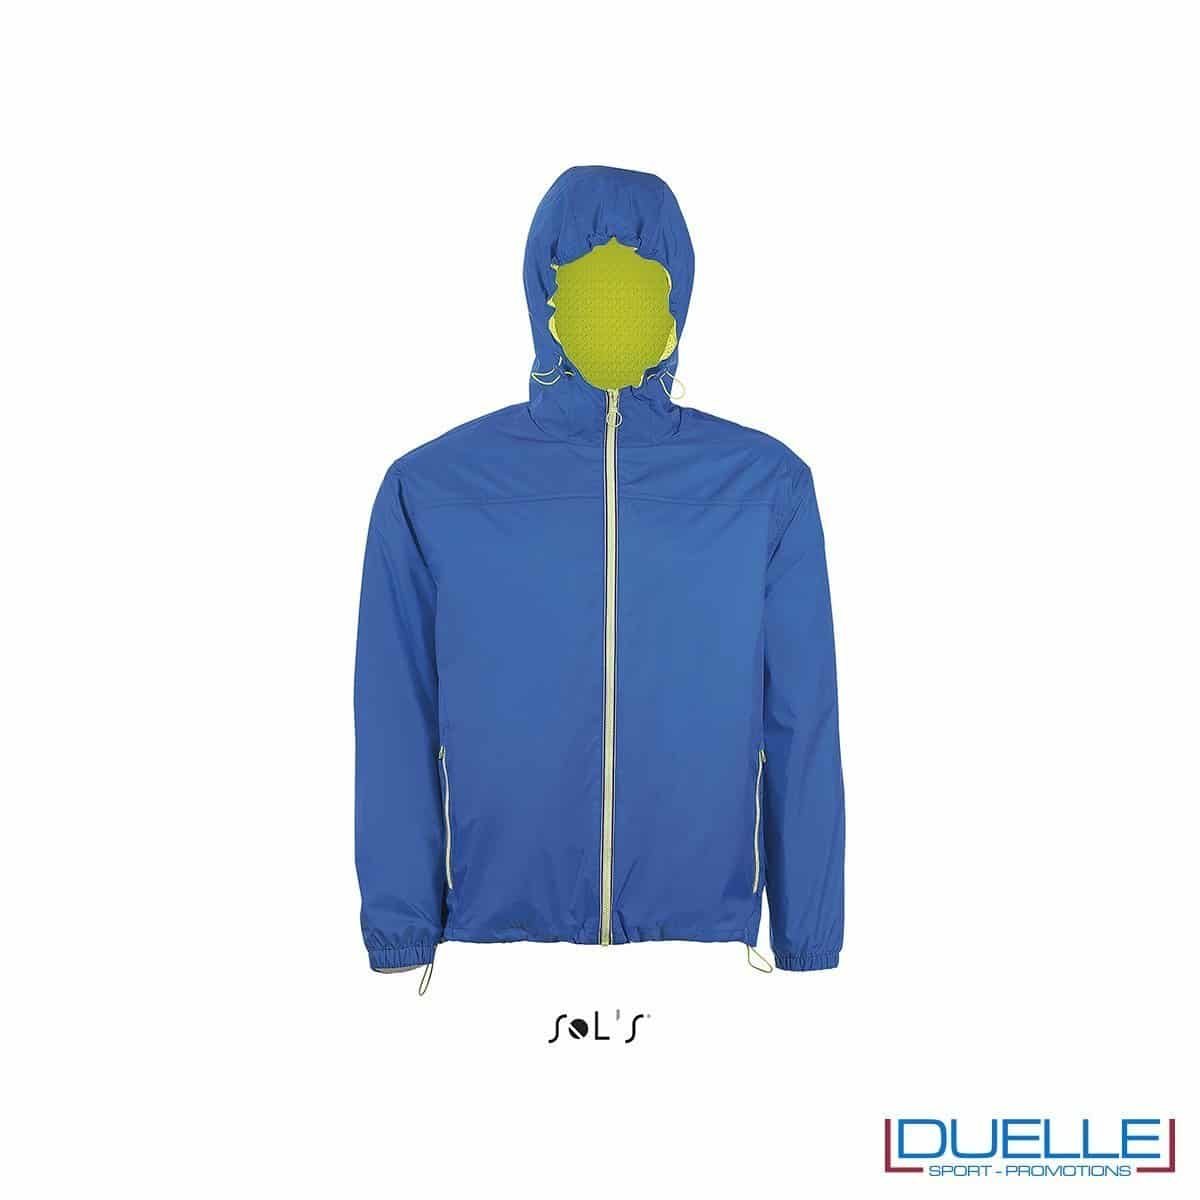 giacca antivento personalizzata colore blu royal con retina interna, kappa way personalizzati, k-way personalizzati